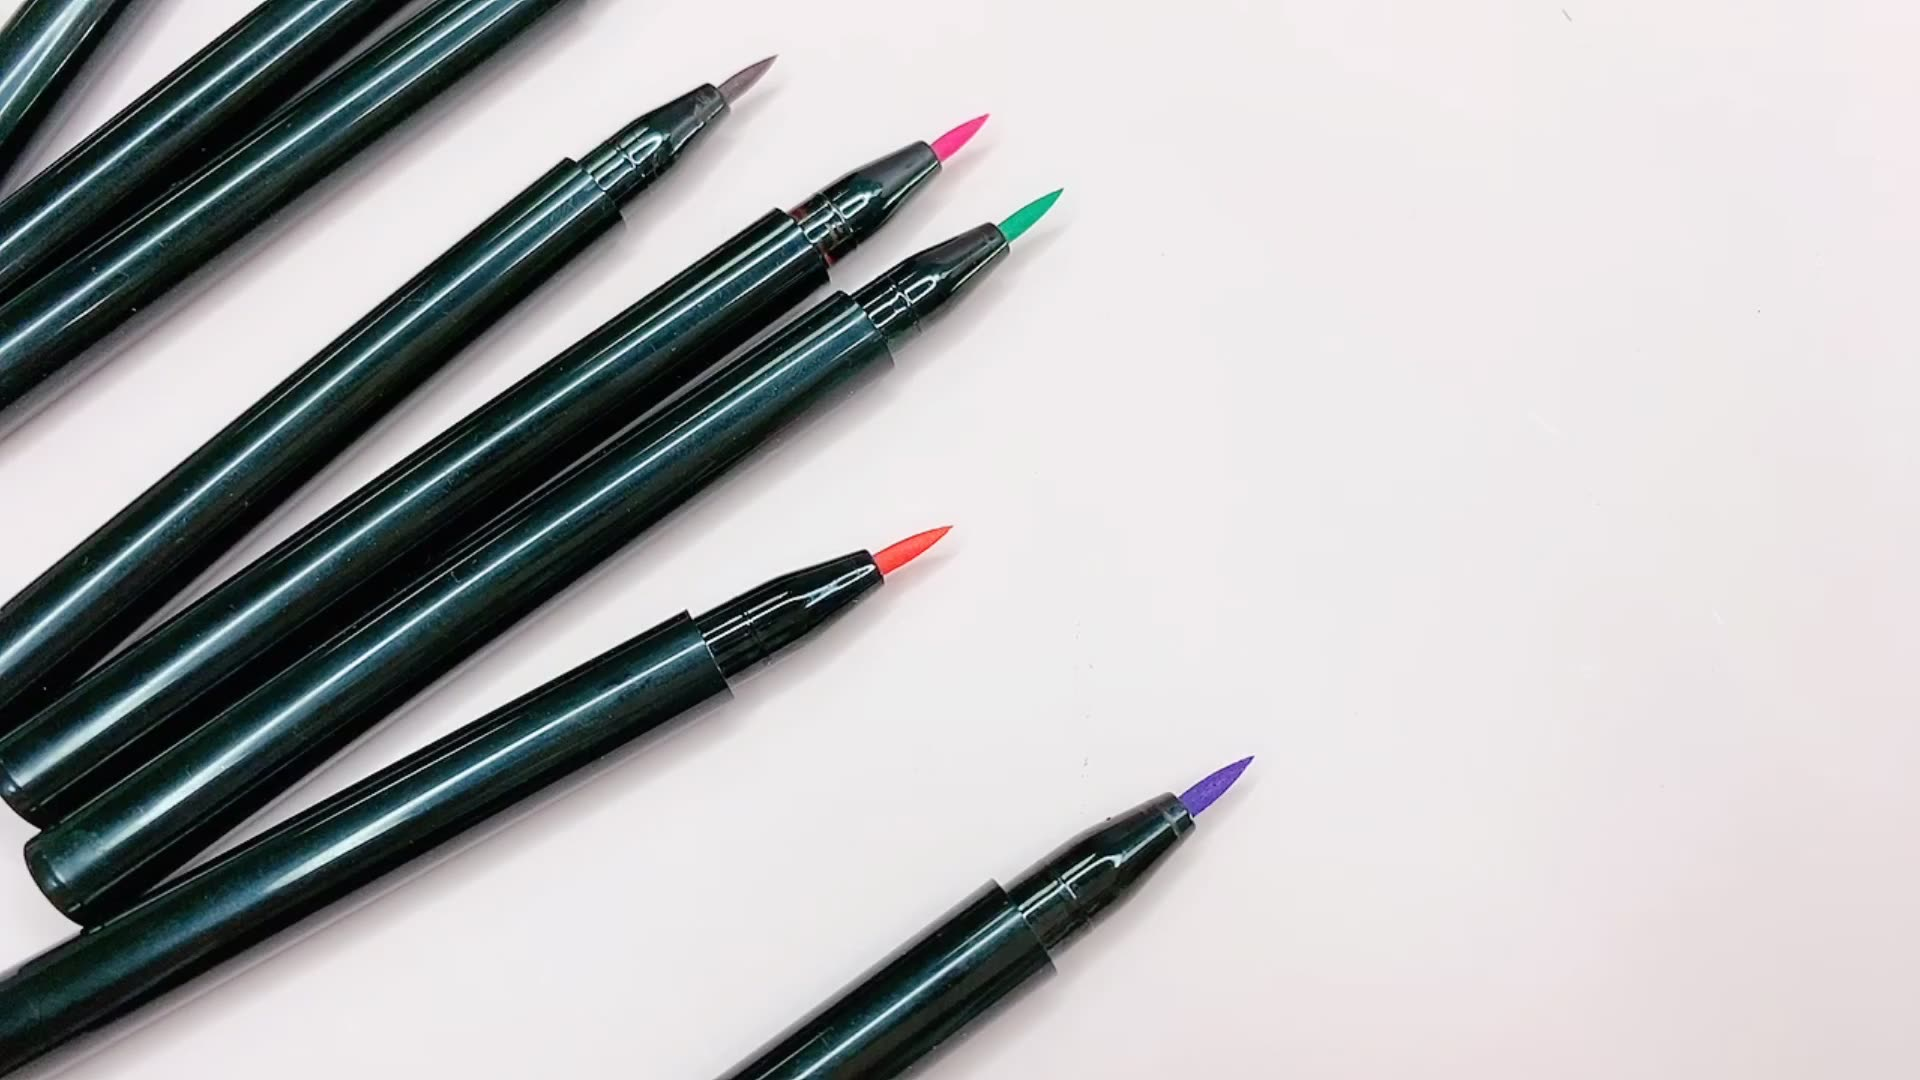 新着高品質成分プライベートラベル 8 色アイライナーペンシルセットアイ化粧品